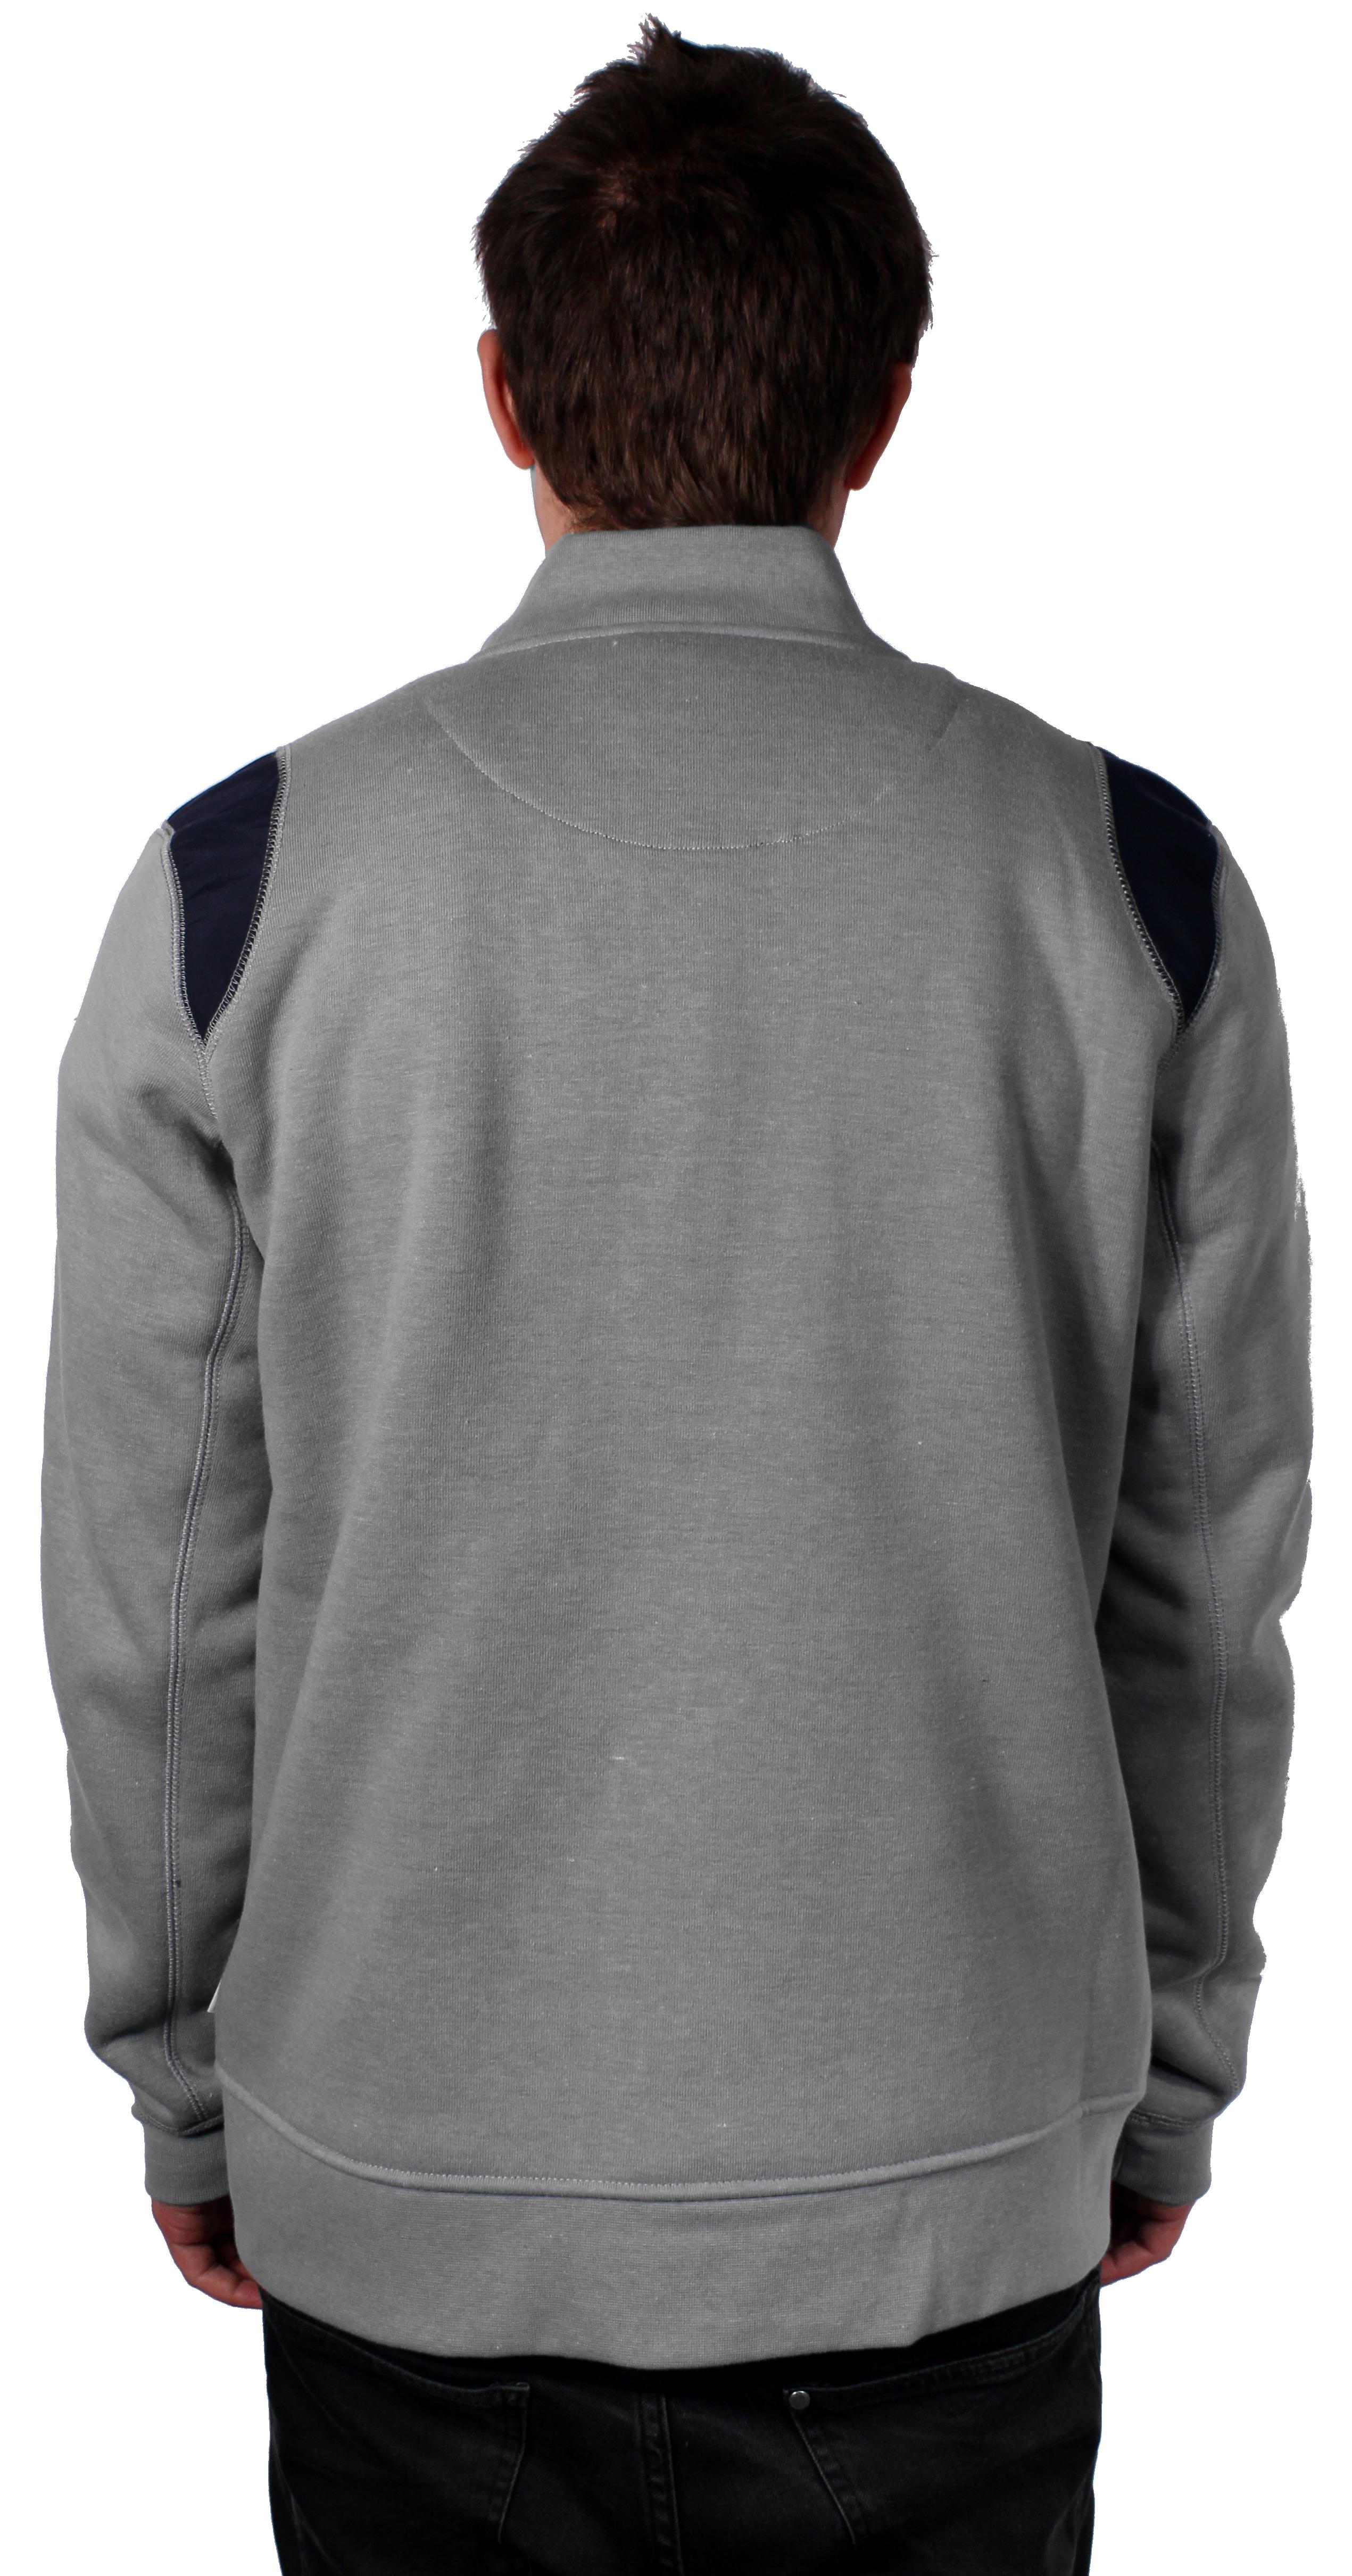 Bluza Ocieplana Burton Wrigley Fleece (Ash Heather)